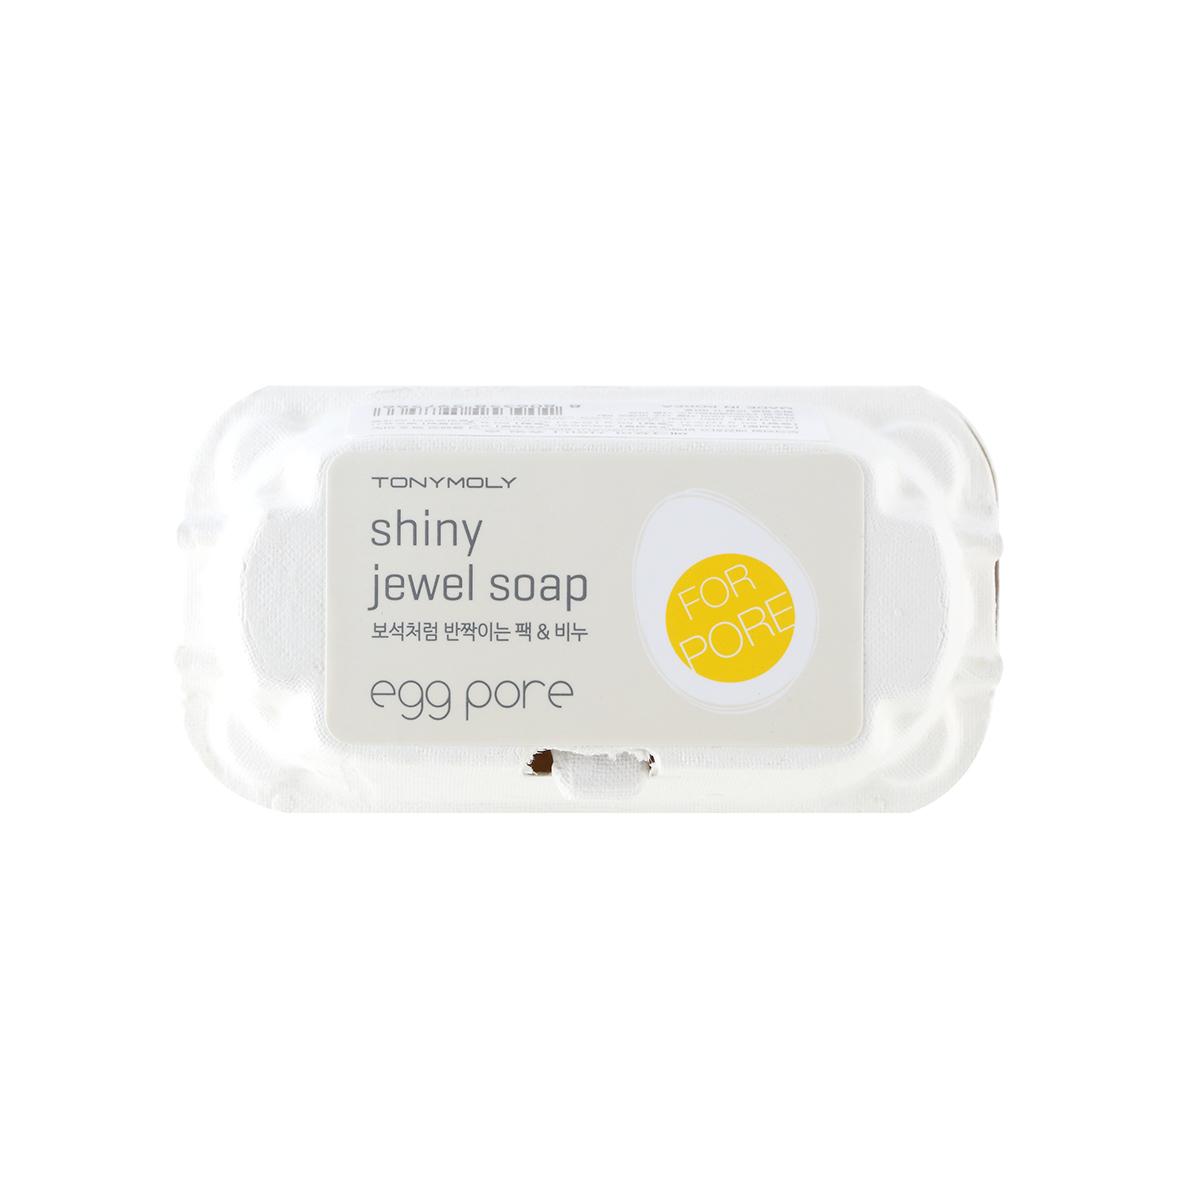 TonyMoly Мыло-маска для сияния кожи Egg pore Shiny Jewel Soap, 2 шт.ES01000300Мыло-маска Tony Moly Egg Pore Shiny Jewel Soap в форме яиц предназначено для утреннего и вечернего очищения кожи. Нежная пенка, которая получается в результате контакта мыла с водой, легко смывает с лица любые загрязнения. Благодаря экстракту яичного белка средство удаляет с поверхности кожи пыль, отшелушивает ороговевшие частицы кожи и очищает поры от скопившегося кожного жира. Мыльная пенка насыщает кожу полезными компонентами, разглаживает мелкие морщинки, подсушивает воспалительные процессы и успокаивает раздражения. Средство делает кожу гладкой и шелковистой, цвет лица - ровным и сияющим, а поры - чистыми и суженными.